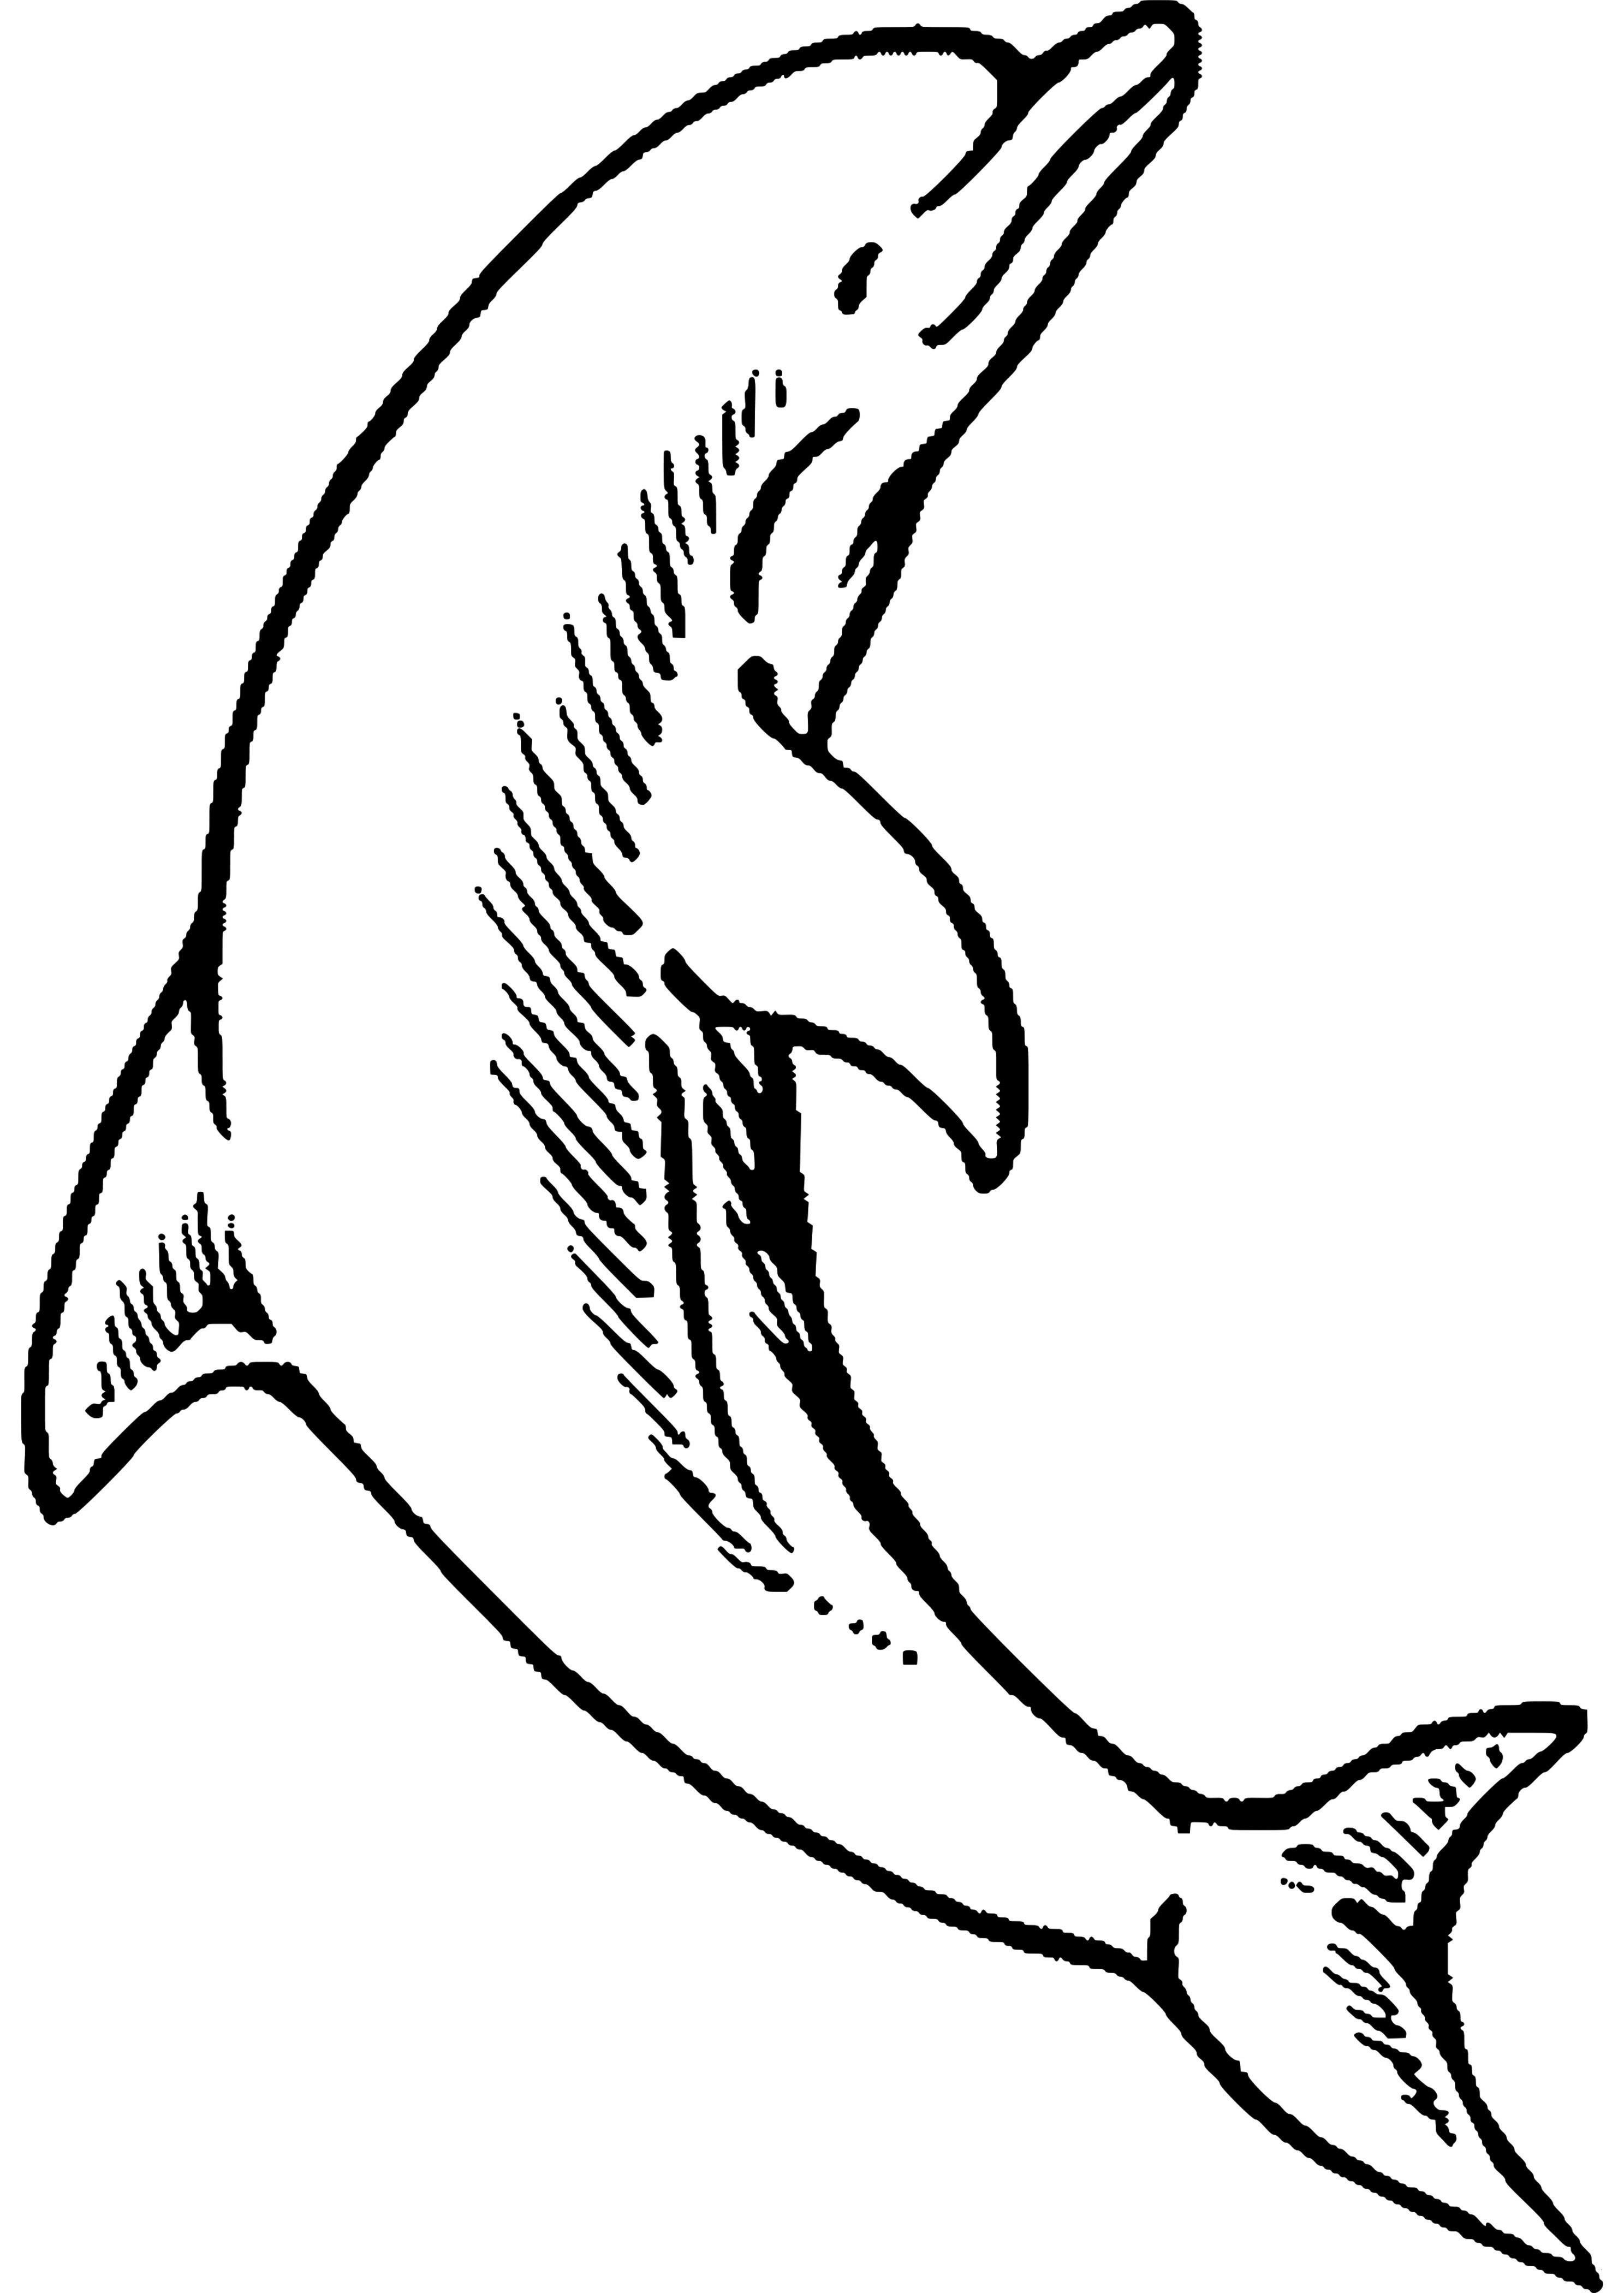 Delphin Zum Ausmalen Frisch 34 Einzigartig Delfin Ausmalbilder – Große Coloring Page Sammlung Fotos